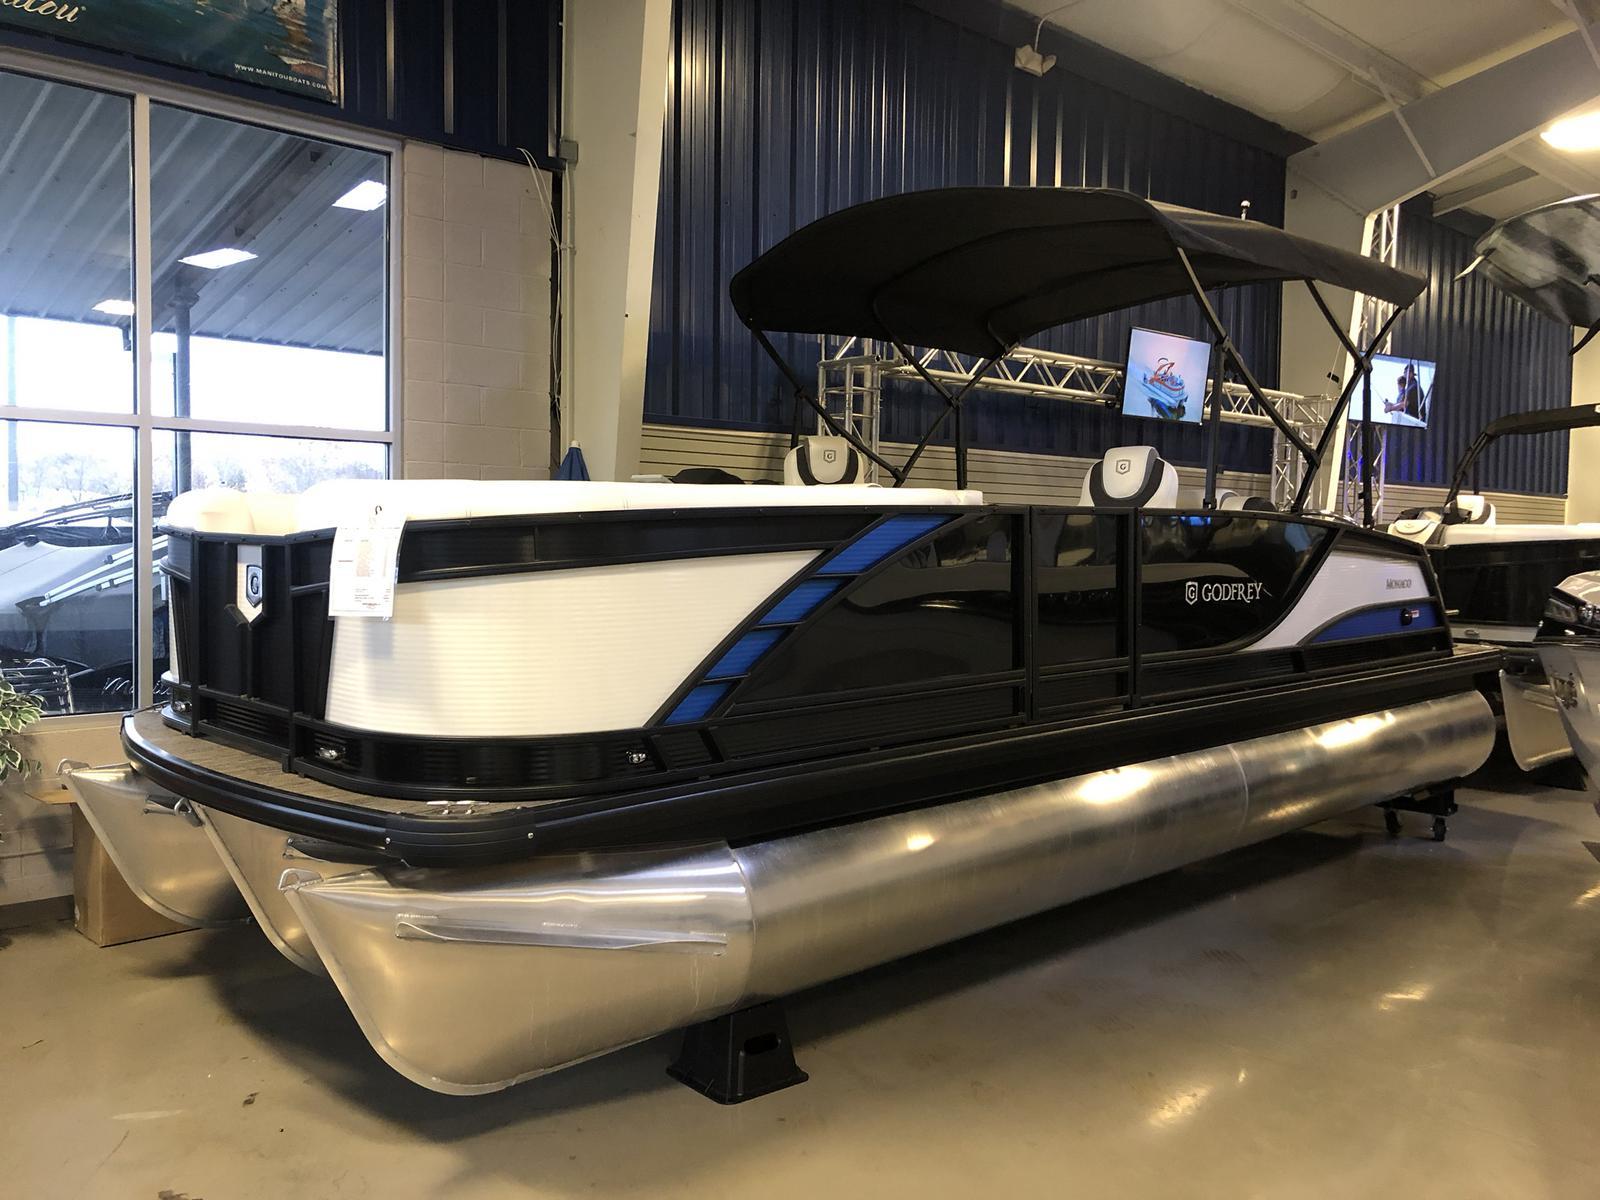 Inventory The Boat Locker Nashville Tn 615 834 2461